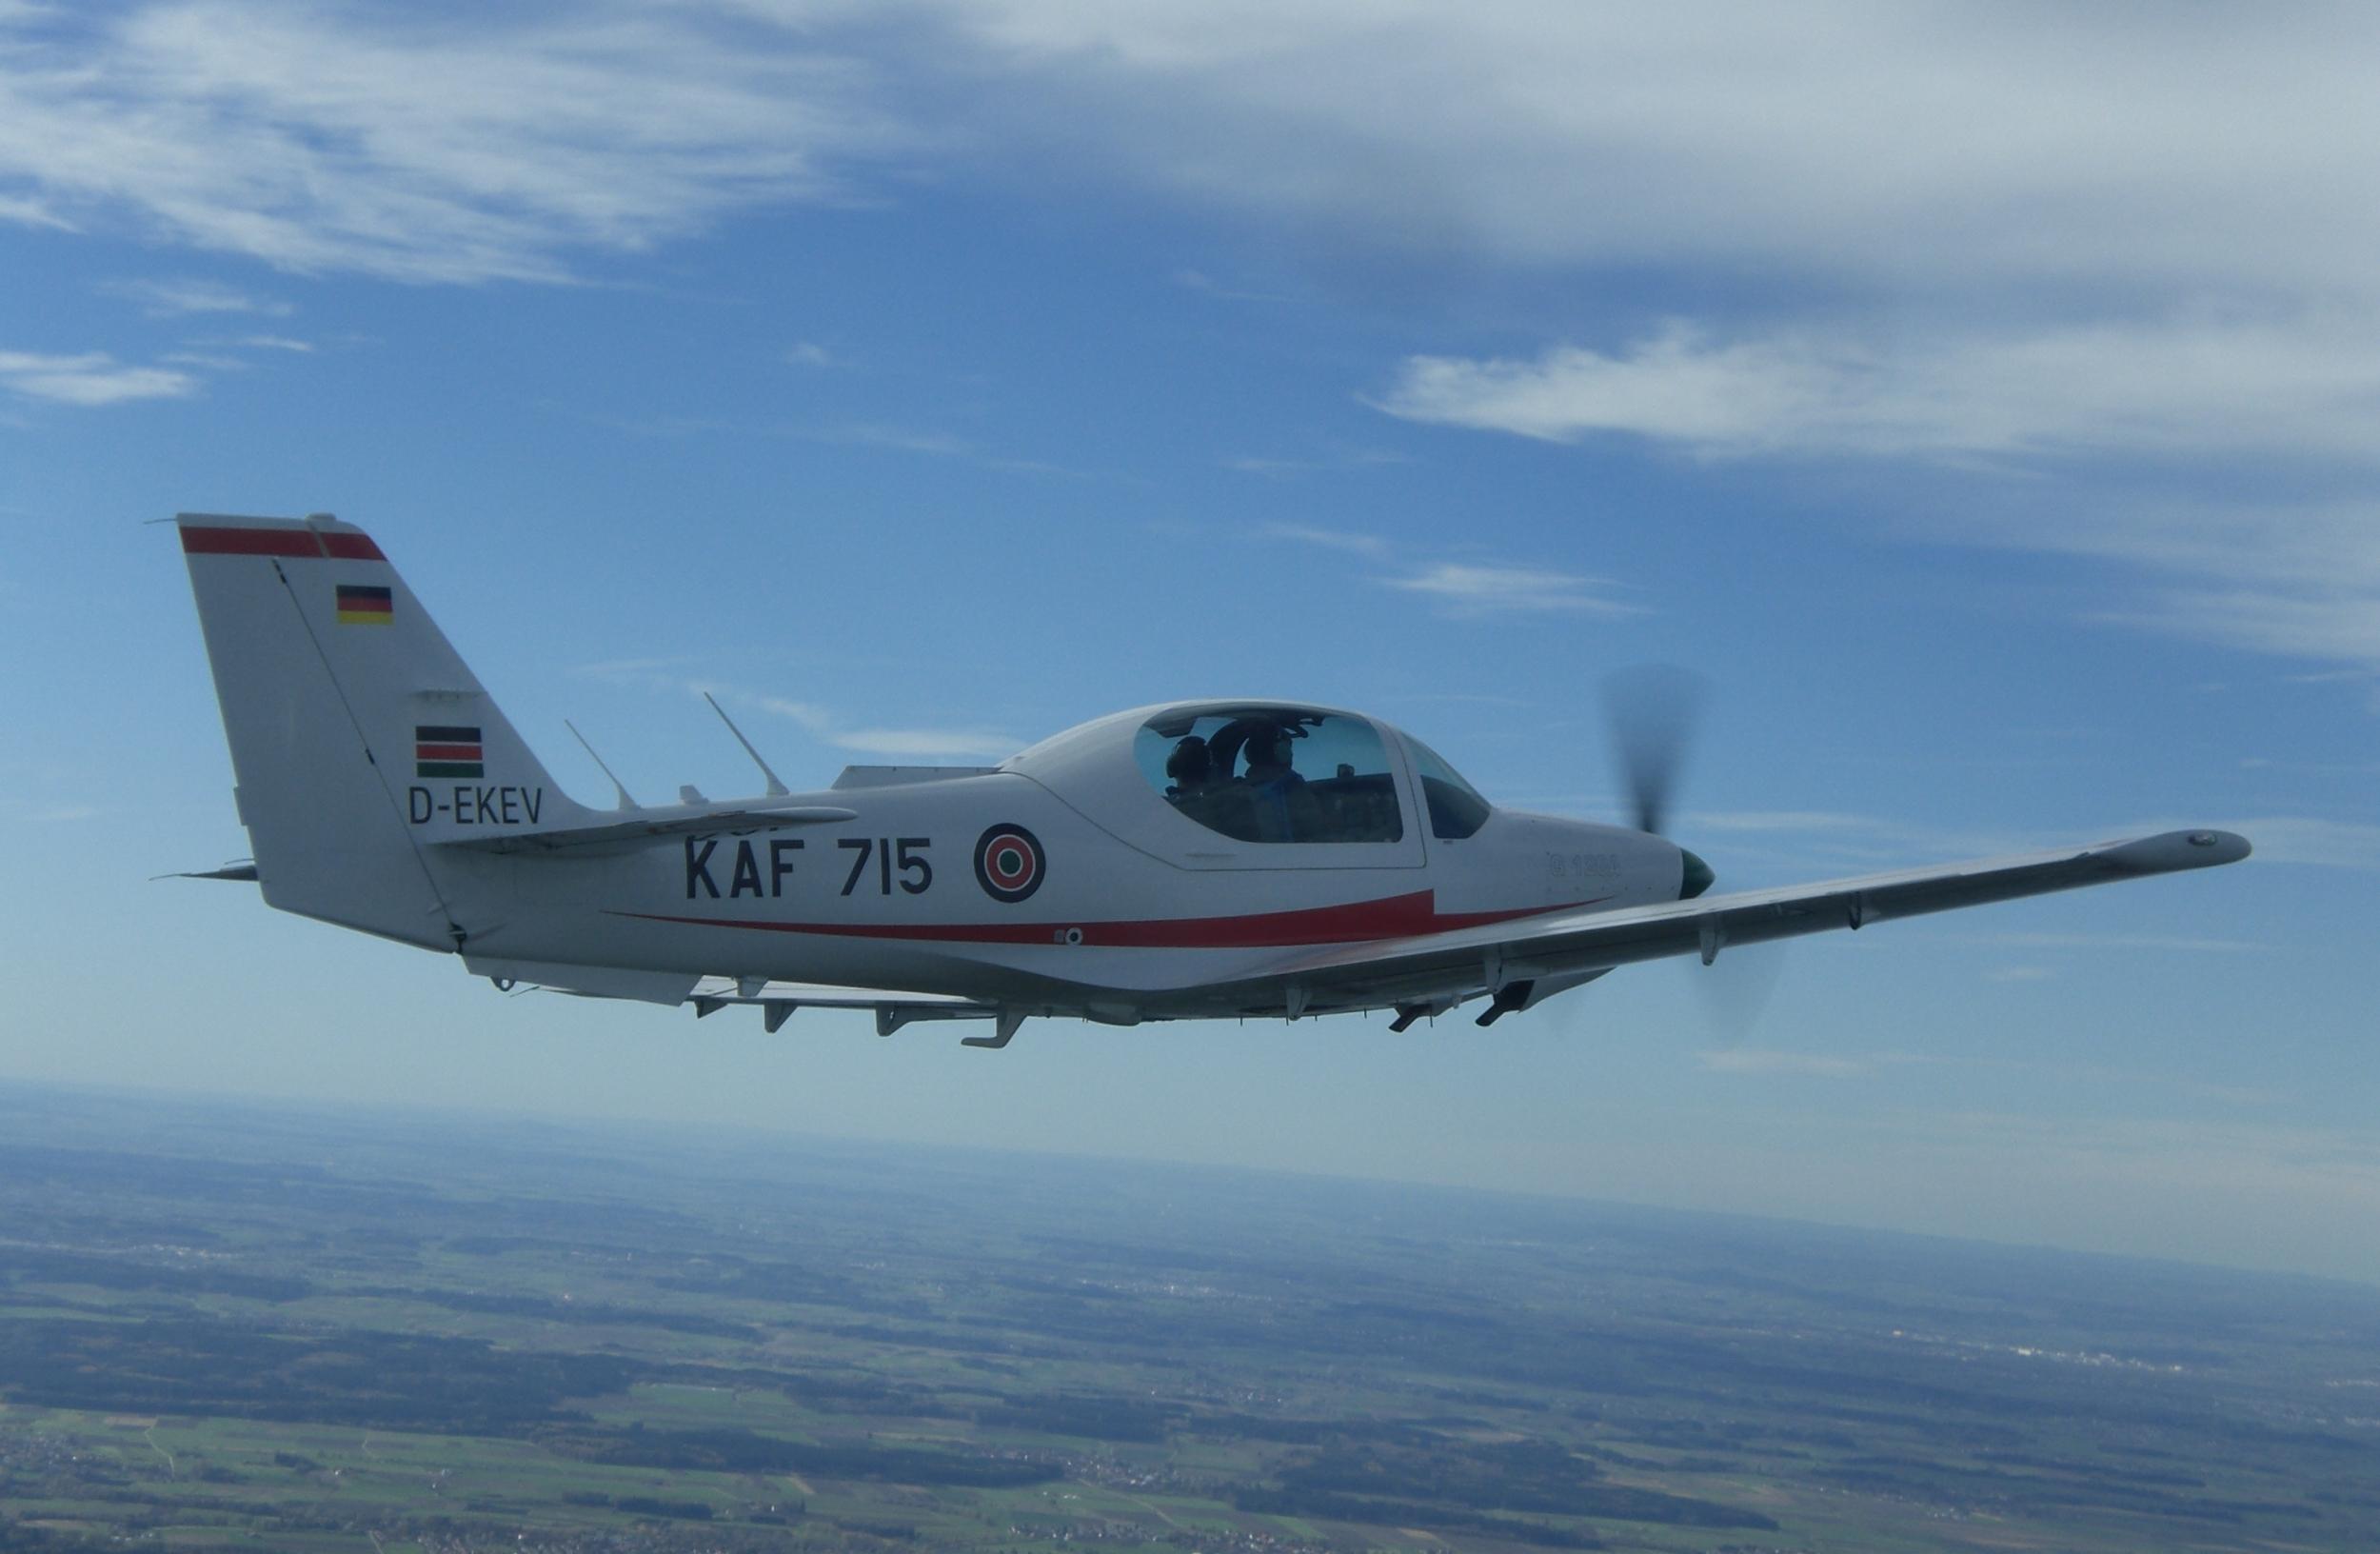 File:Grob G 120A Kenya Airforce.jpg - Wikimedia Commons